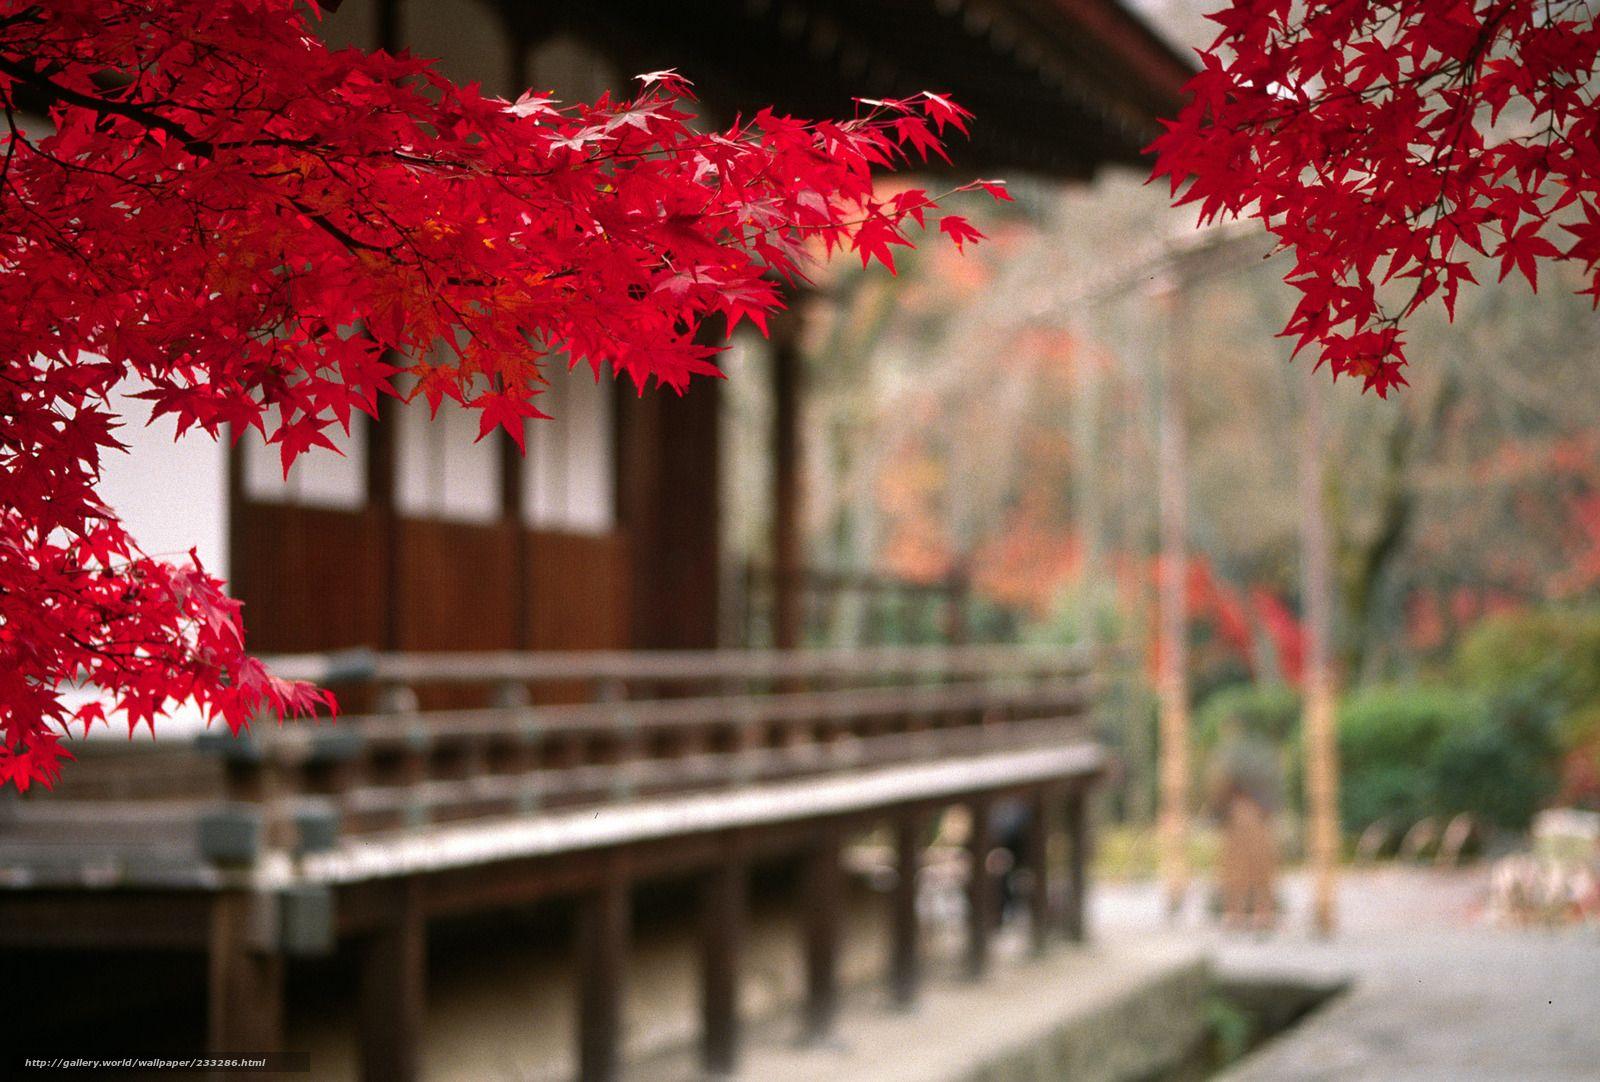 Tlcharger Fond D Ecran Paysage Japon Automne Arbre Fonds D Ecran Gratuits Pour Votre Rsolution Du Bureau Erable Rouge Jardin Japonais Fond Ecran Paysage